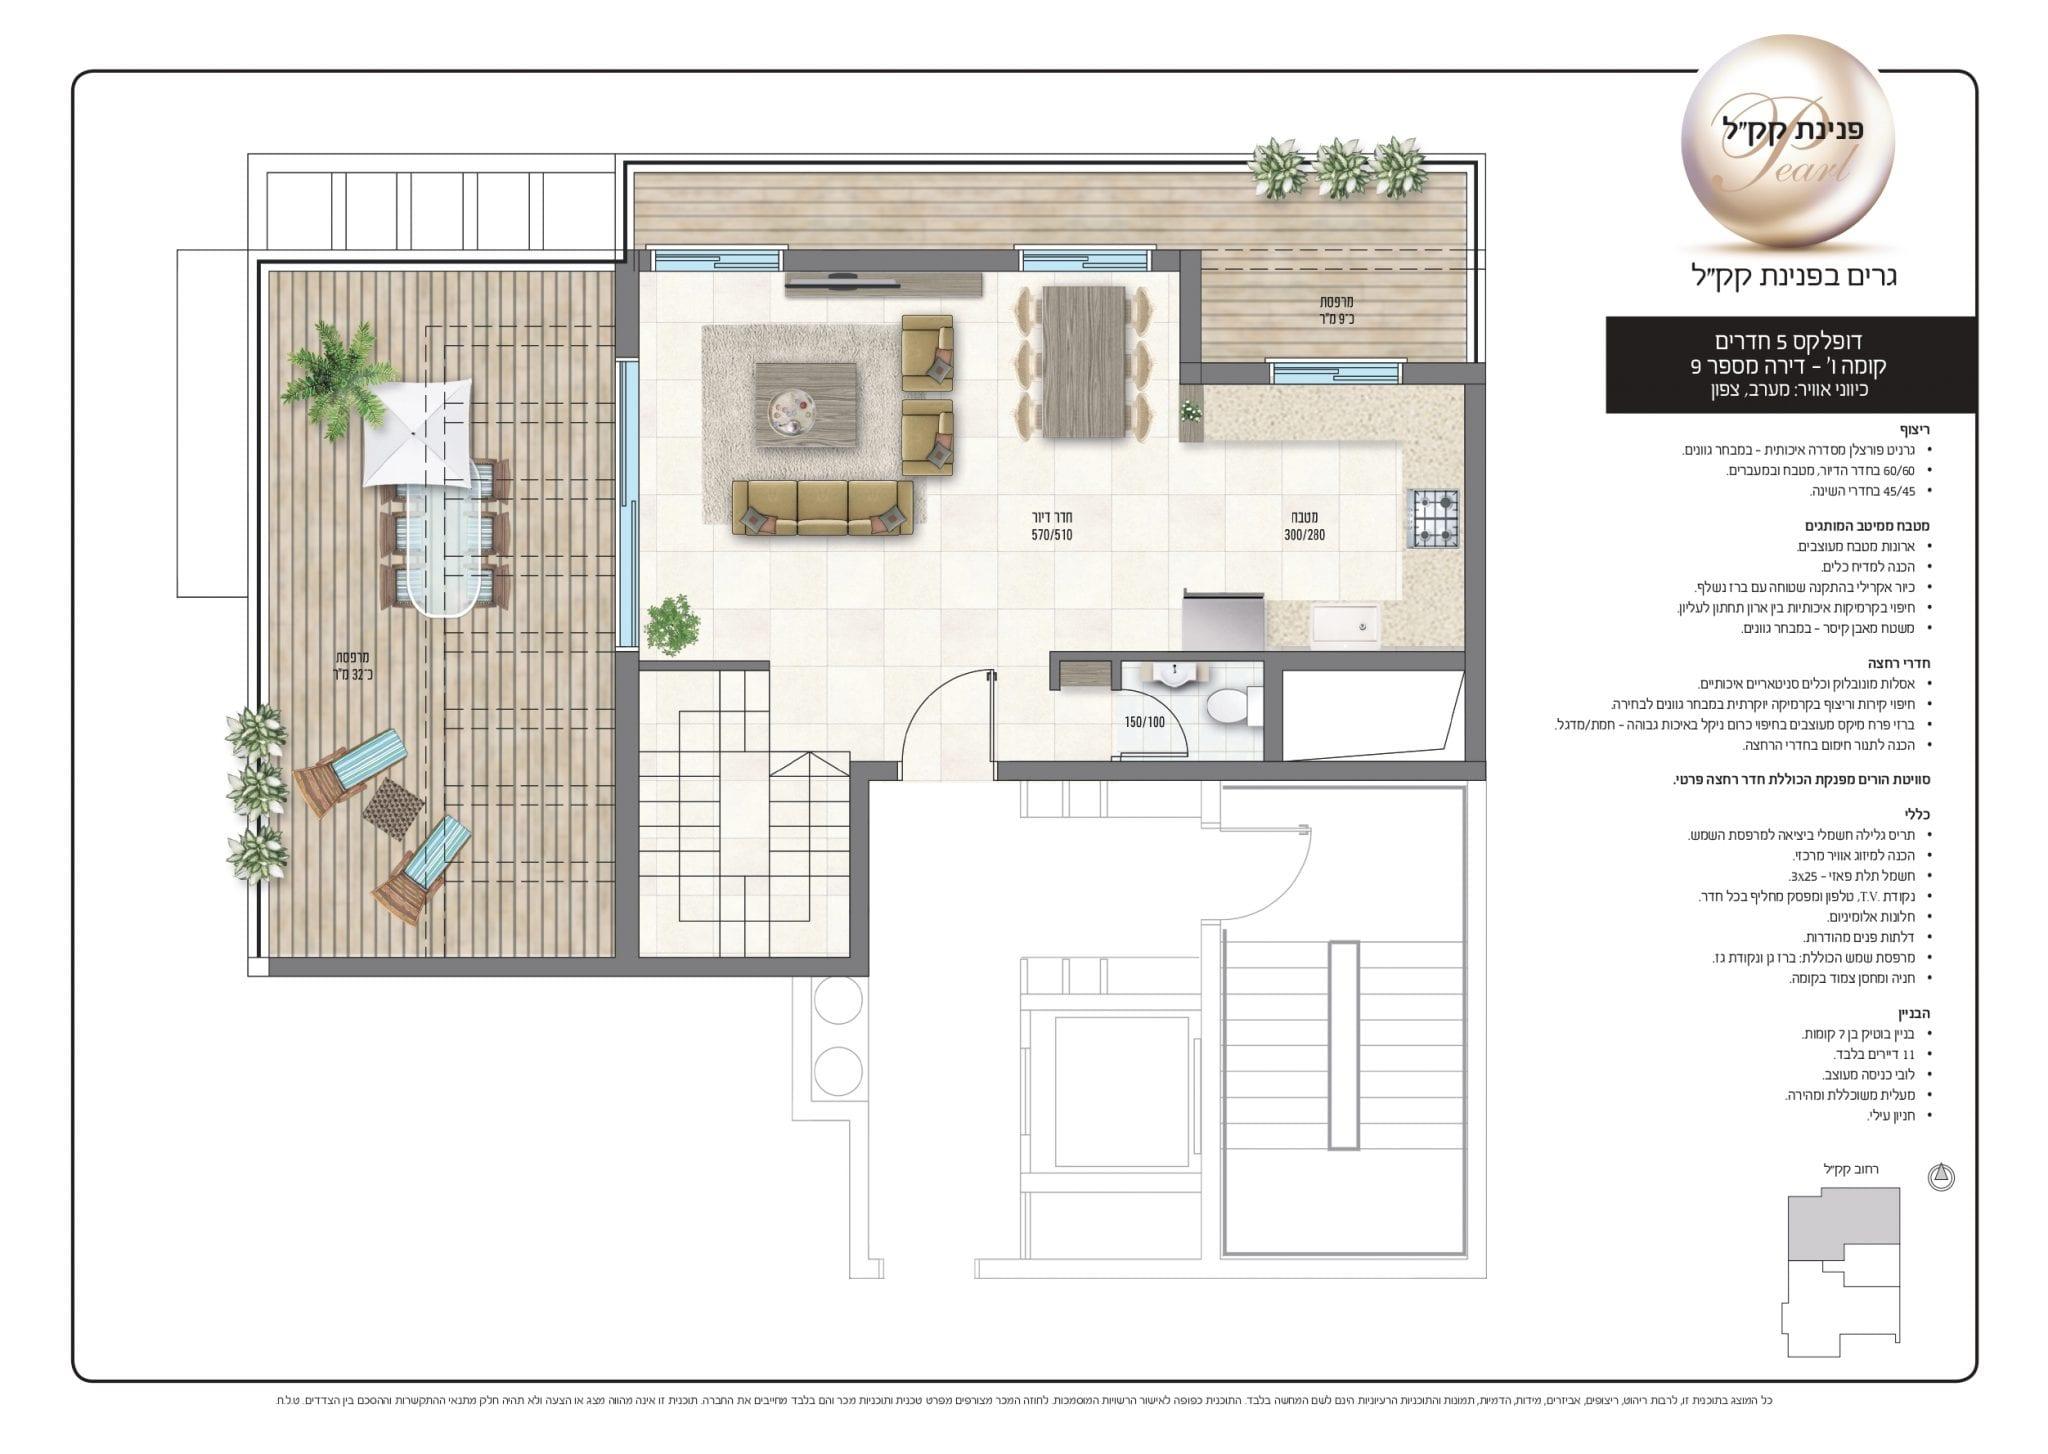 דופלקס 5 חדרים דירה מספר 9 קומה 6